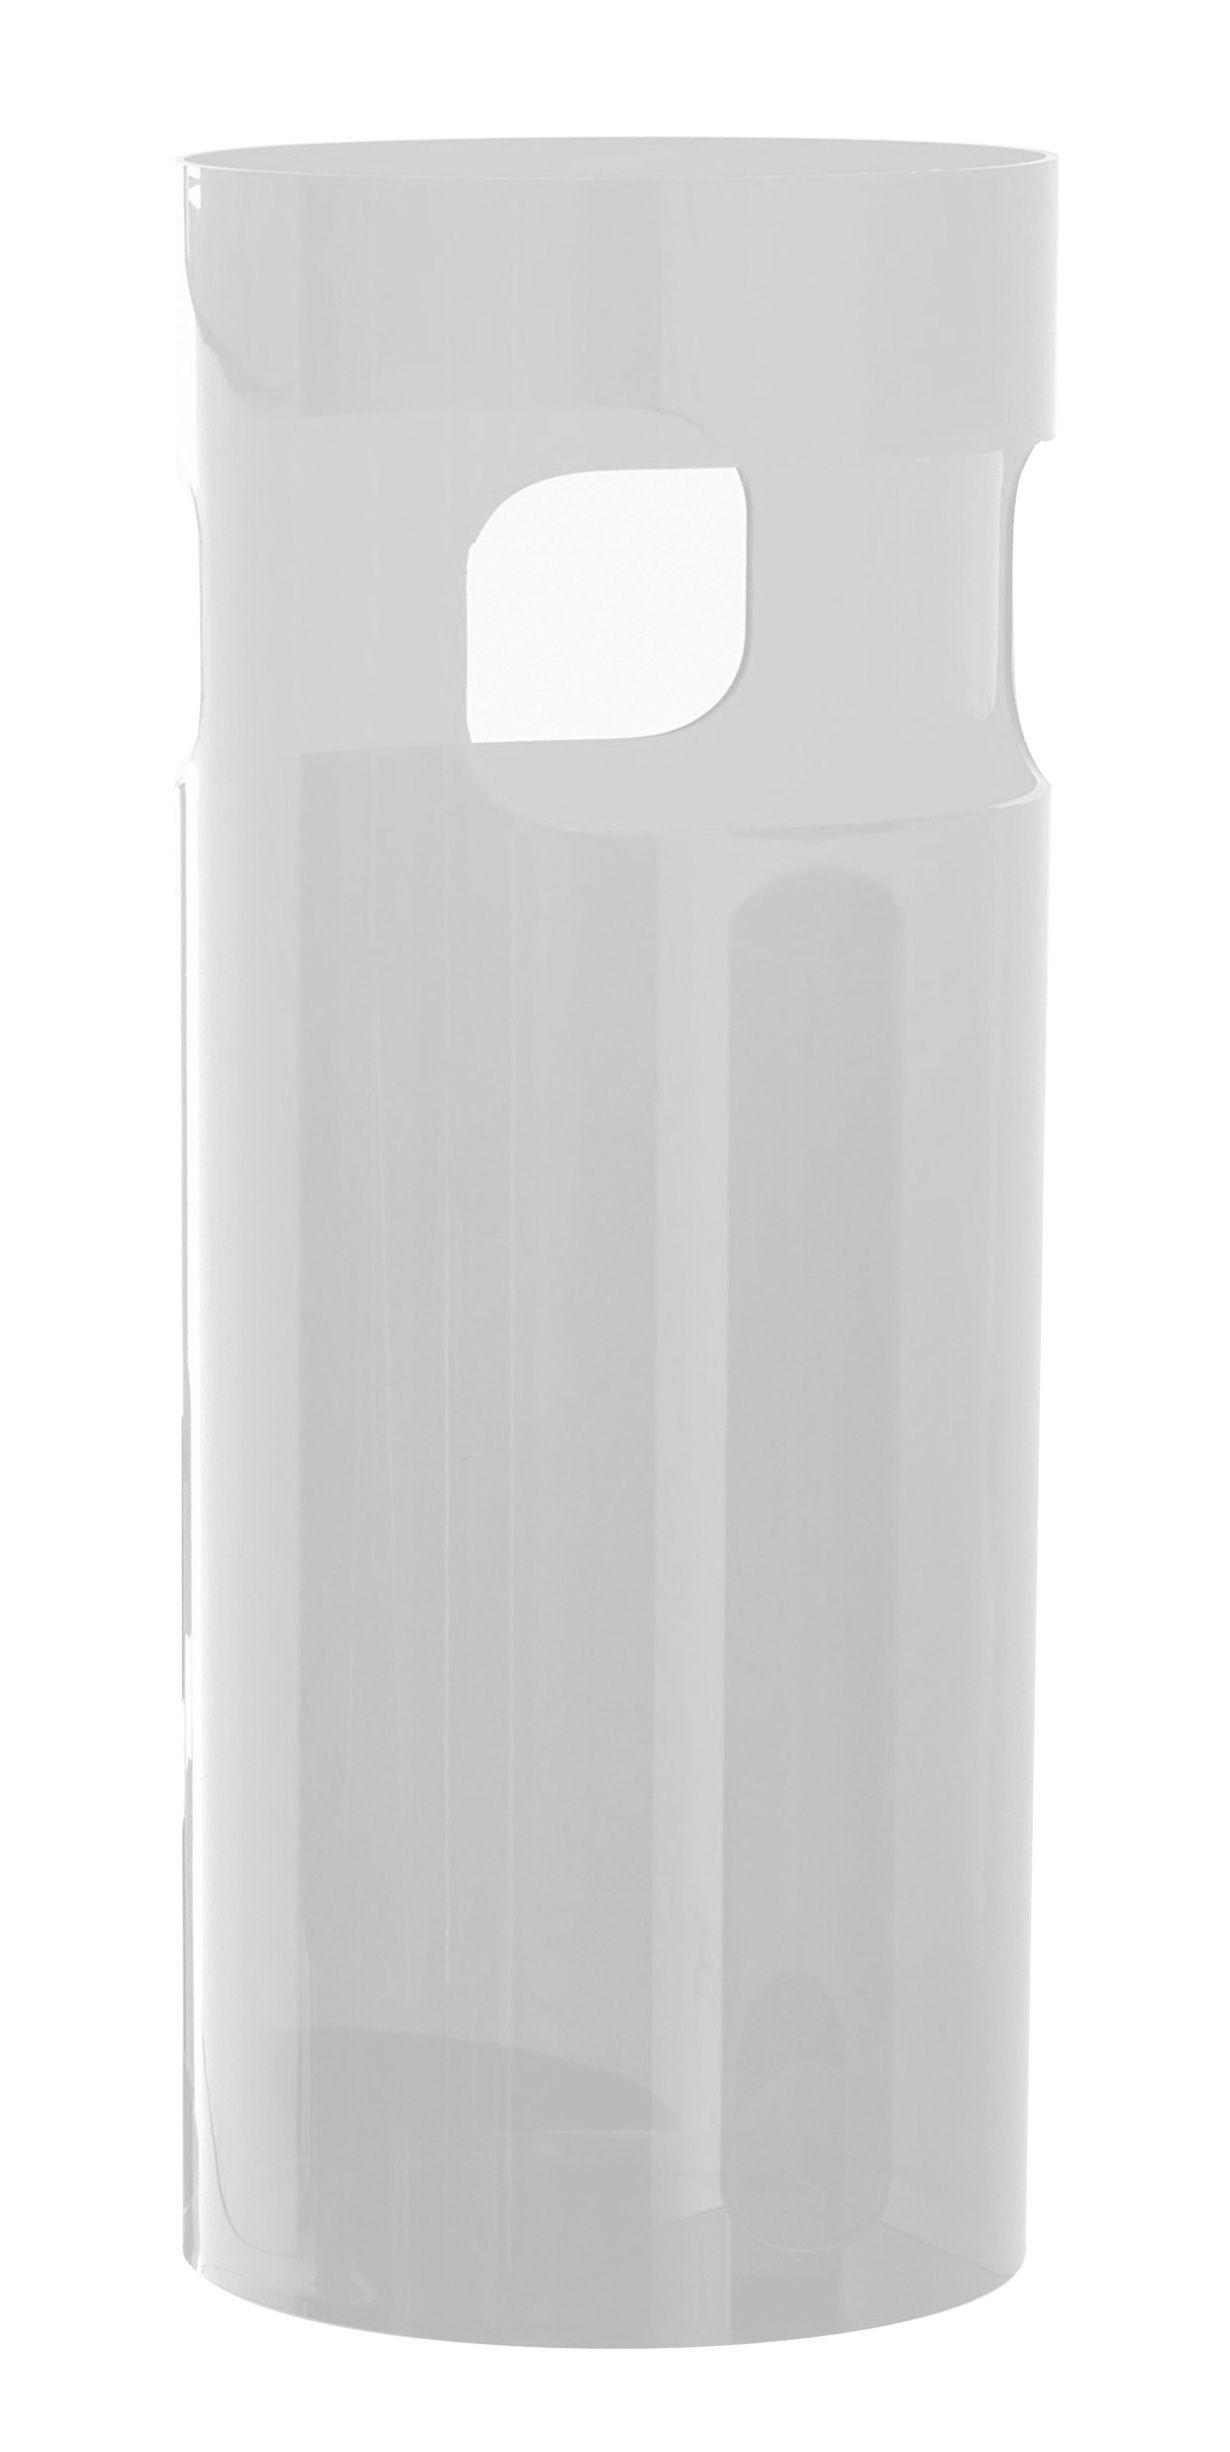 Dekoration - Körbe und Ablagen - Schirmständer - Kartell - Opakweiß - ABS